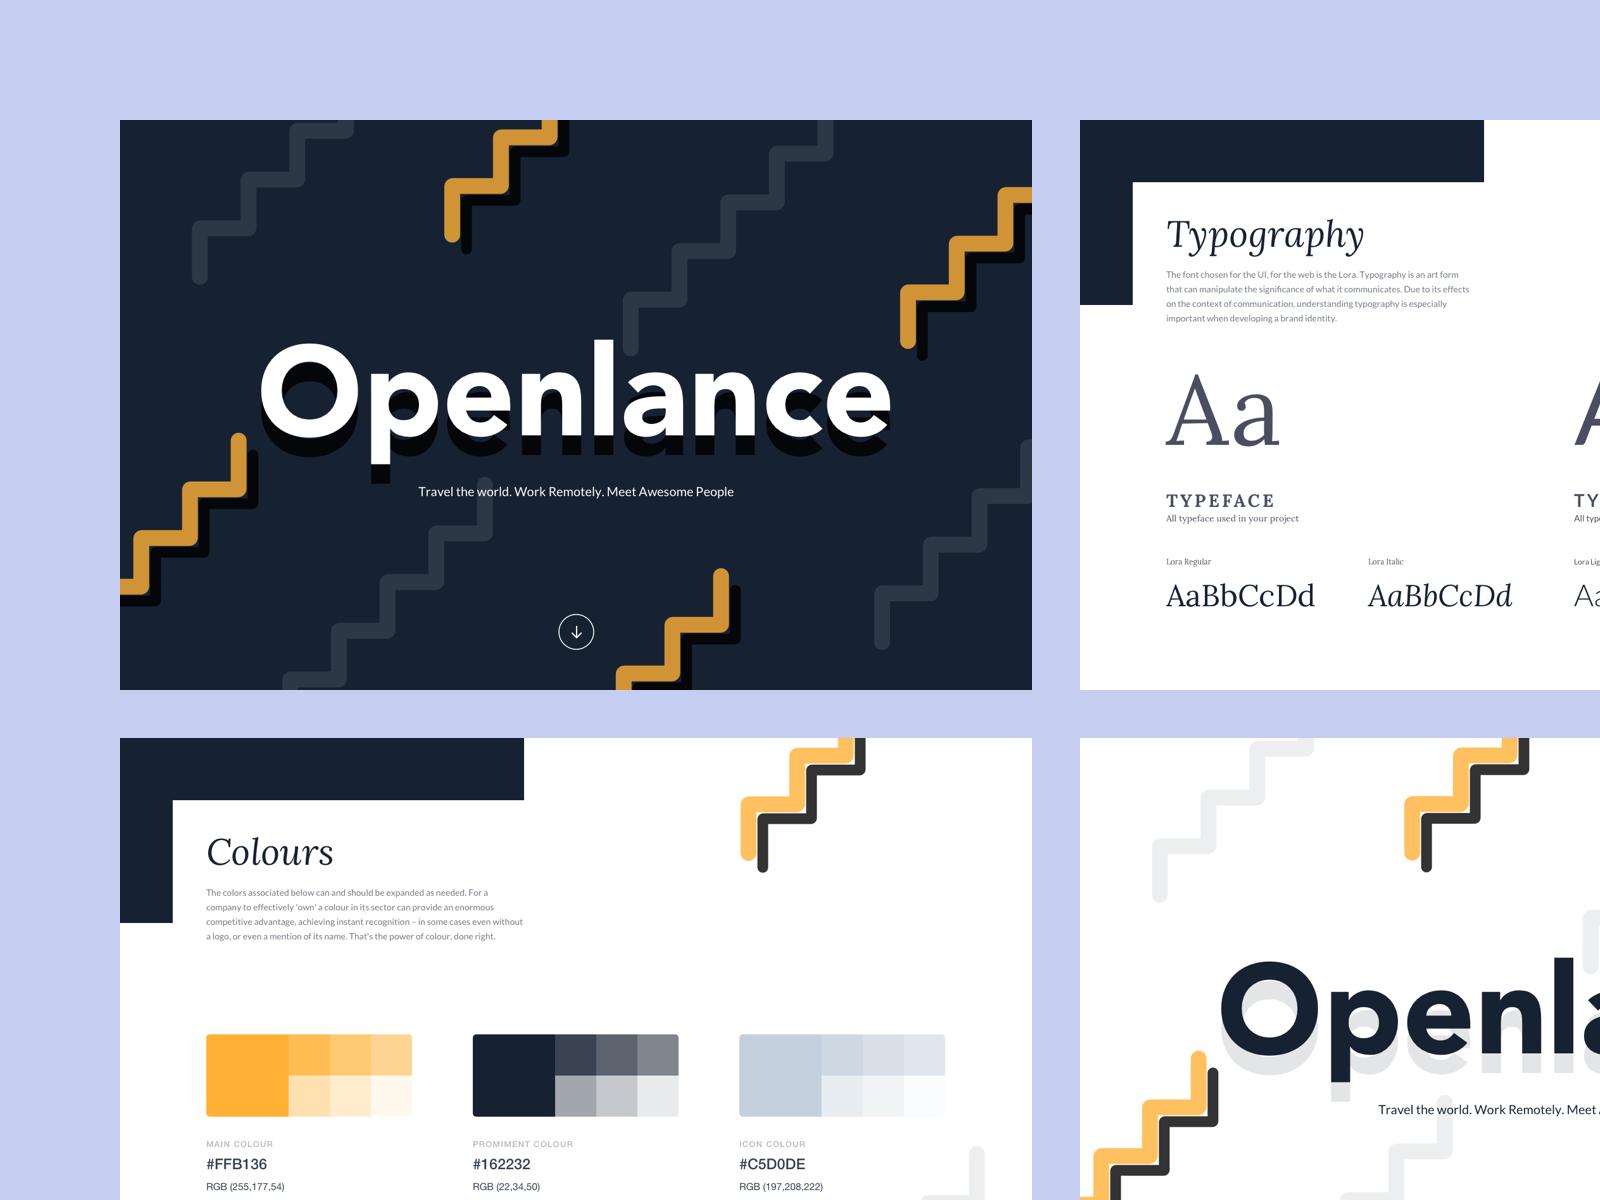 Bruvvv   openlance branding